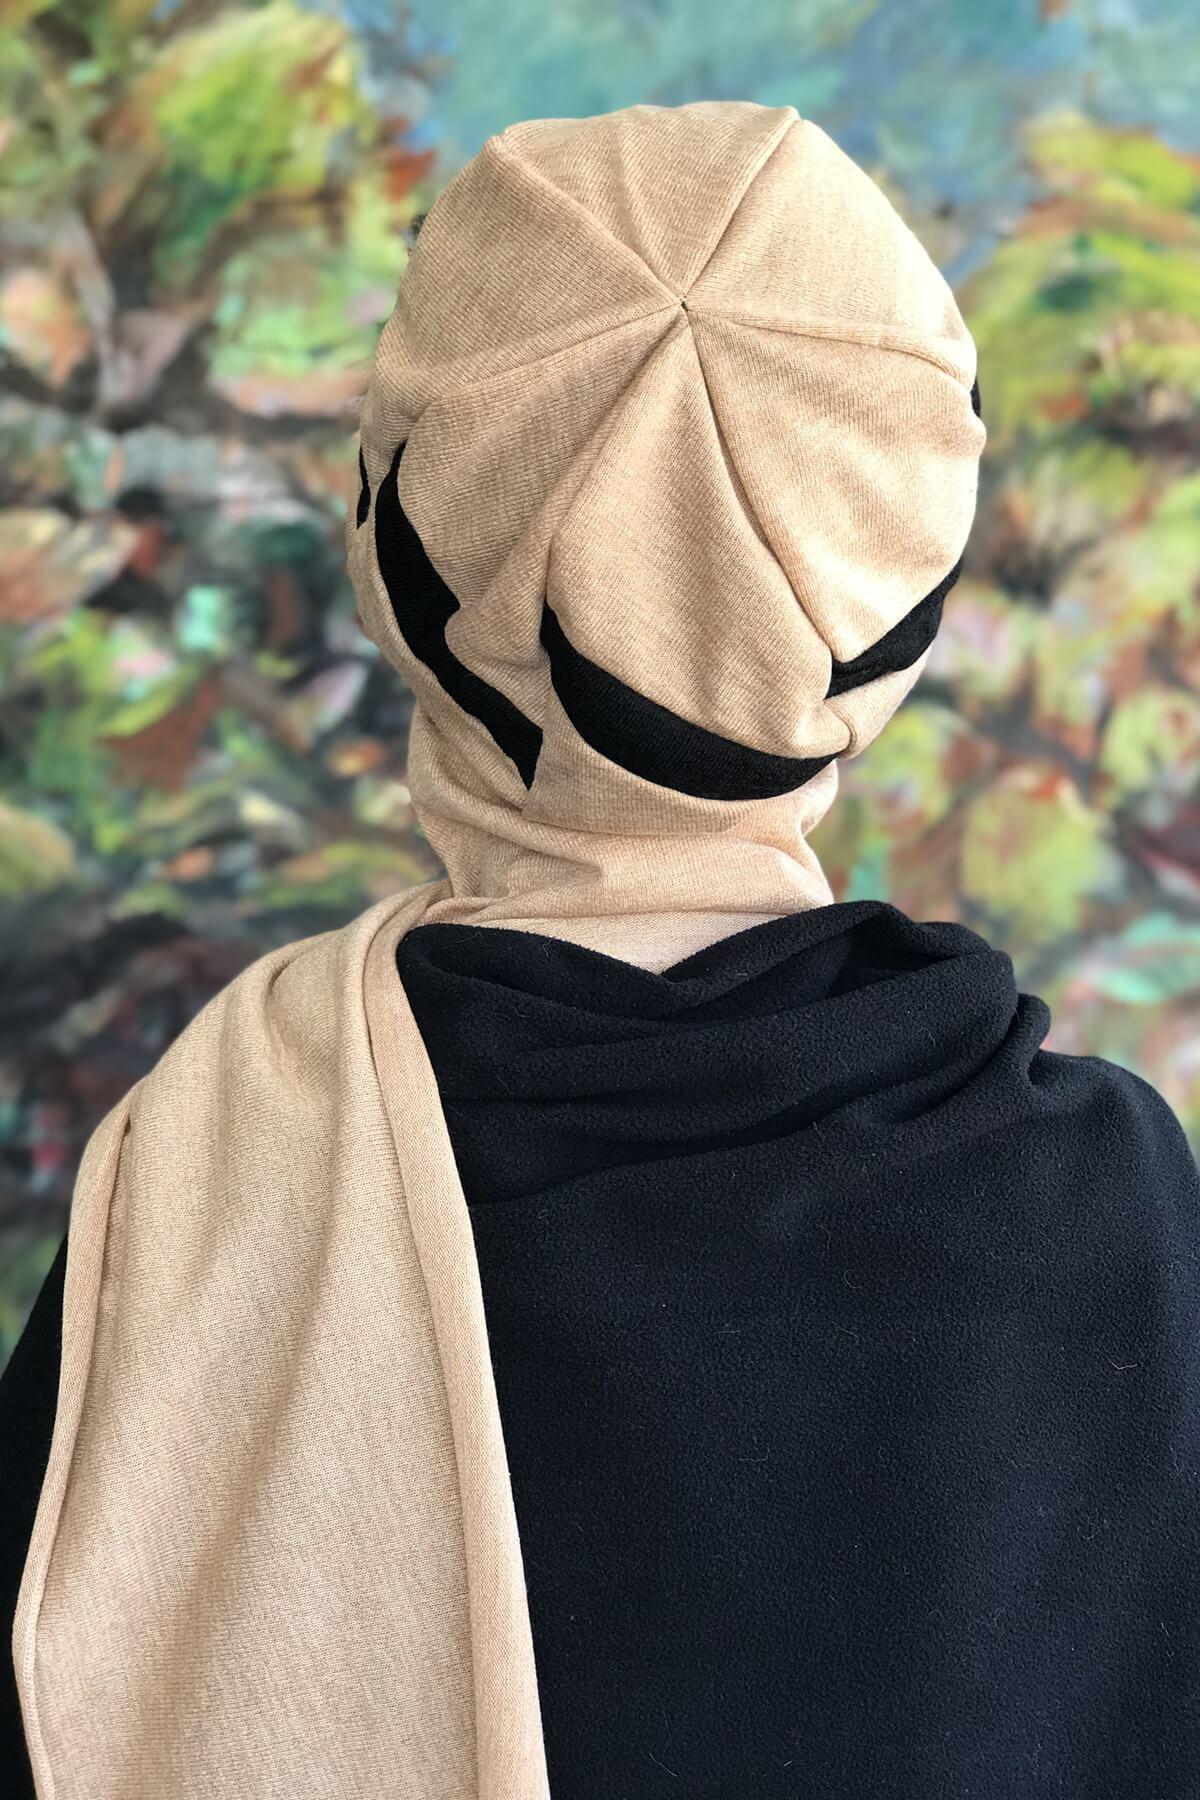 Krem Rengi Tokalı Atkılı Siyah Şeritli Şapka